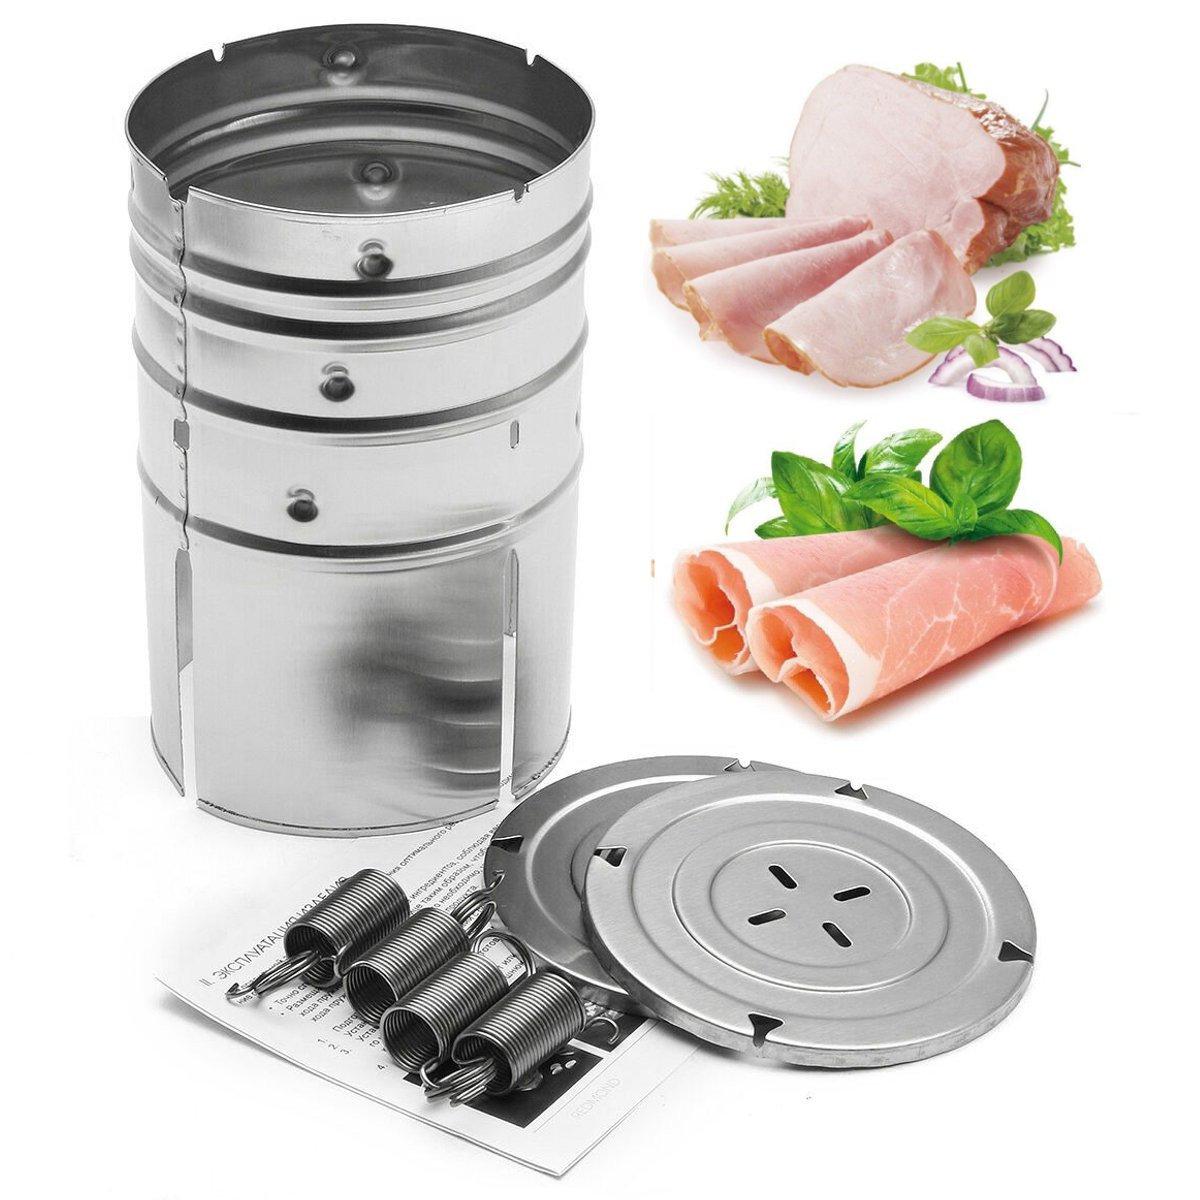 스테인레스 스틸 프레스 햄 메이커 고기 생선 가금류 해산물 수제 특선 주방 도구